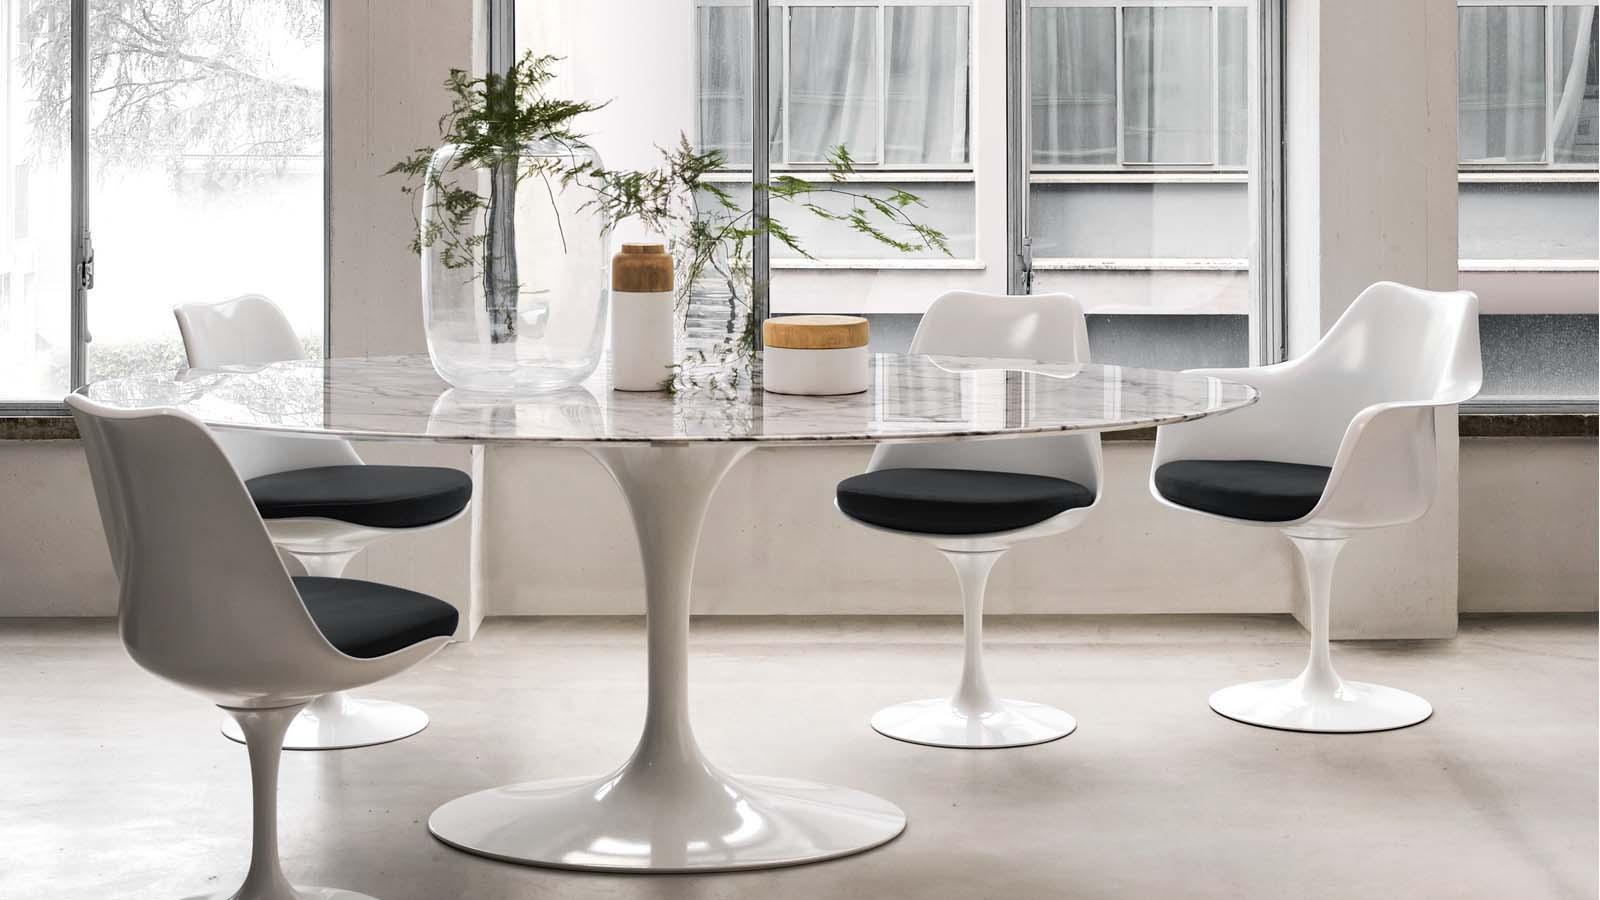 Tavola Da Soggiorno.18 Tavoli Da Pranzo Dal Design Moderno